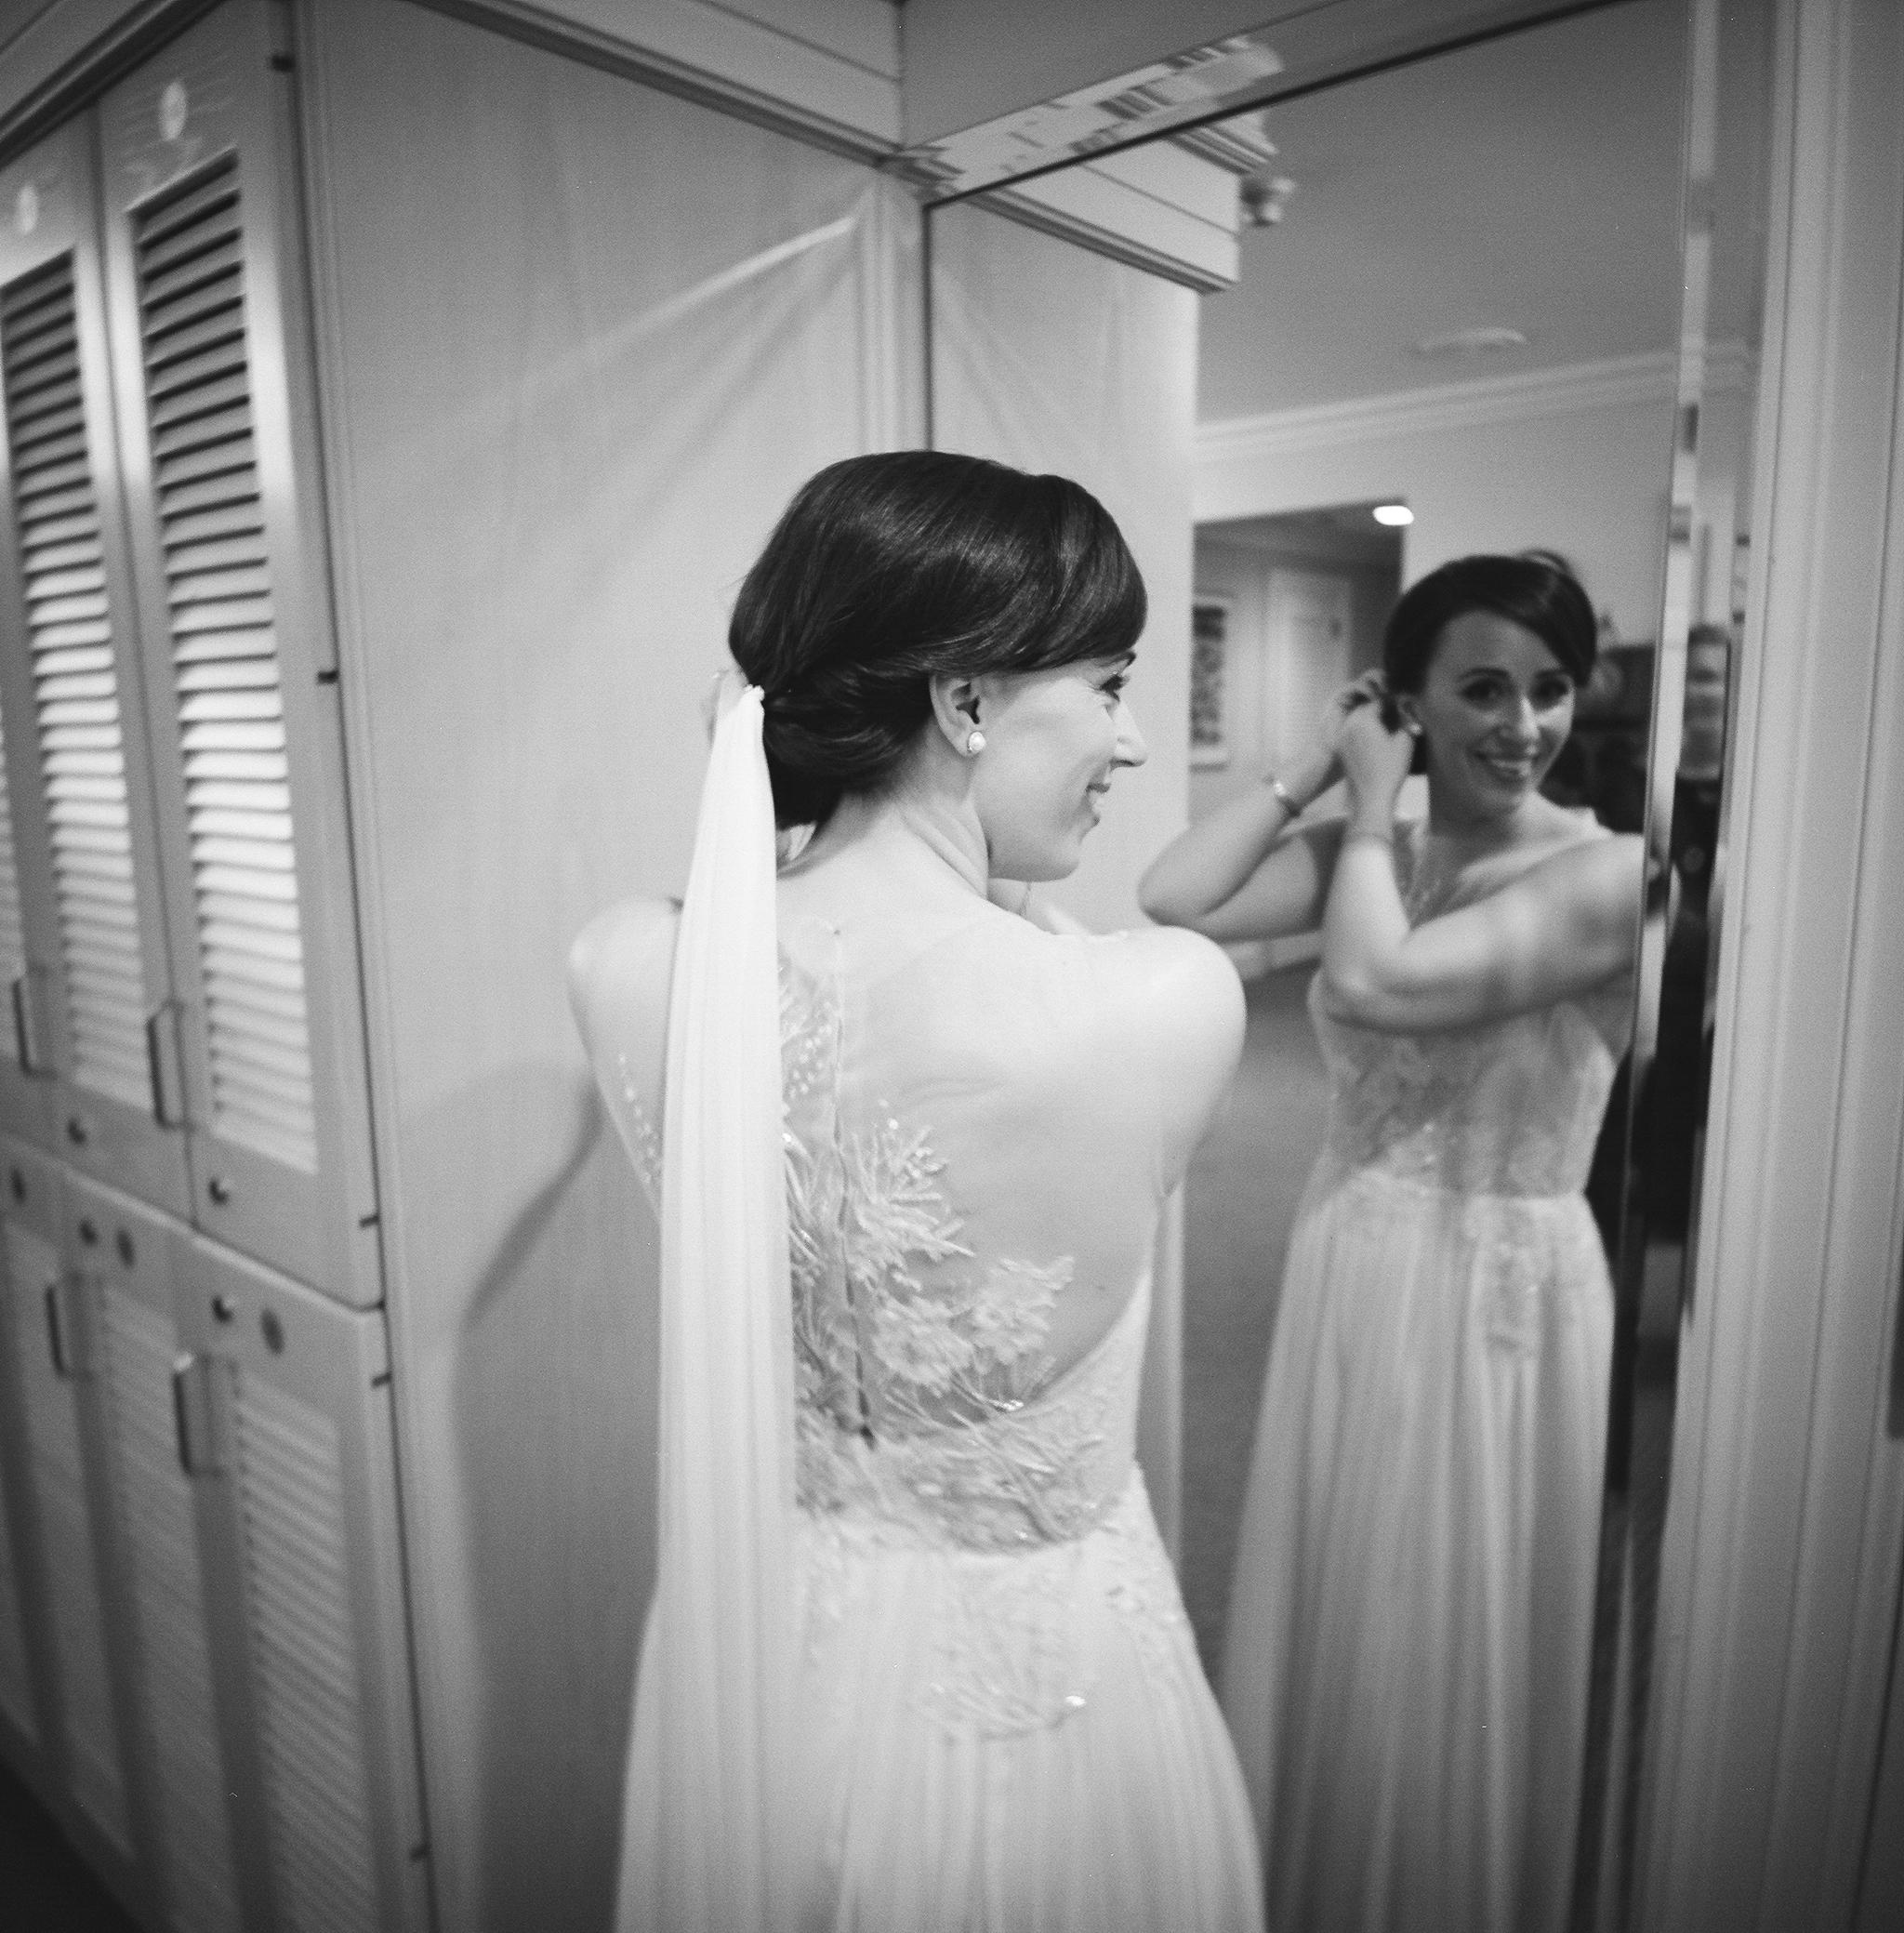 Charleston Wedding Photographers Virgil Bunao Debordieu Club Wedding in Georgetown | Part One